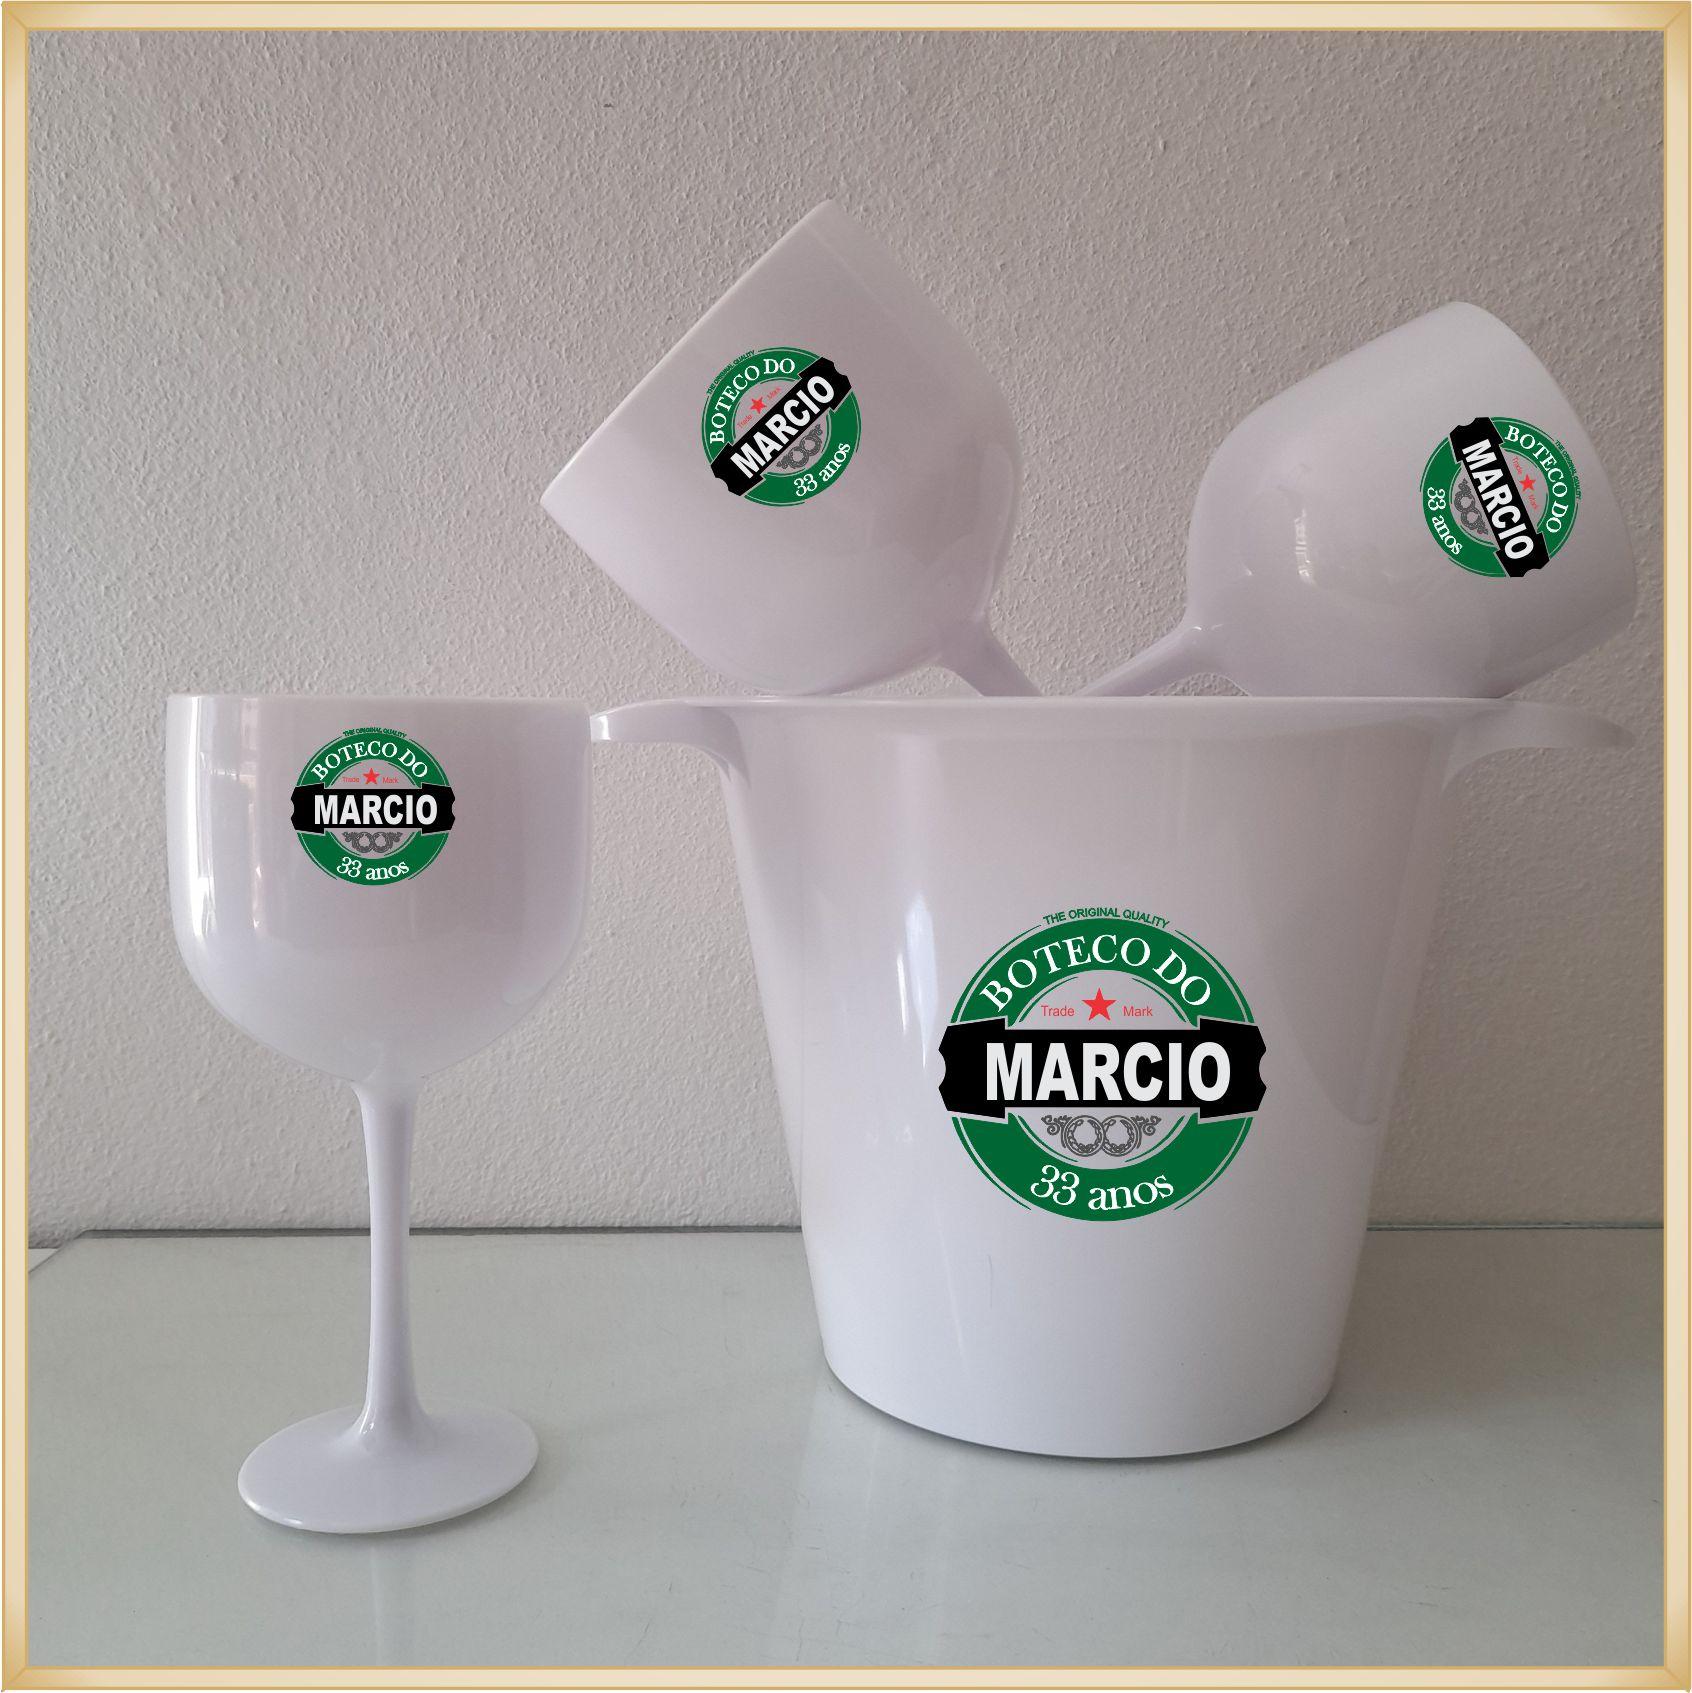 Kit Balde de gelo + 4 Taças de gin personalizadas - Produto de alta qualidade, paredes reforçadas sem riscos e rebarbas, estampa digital e colorida